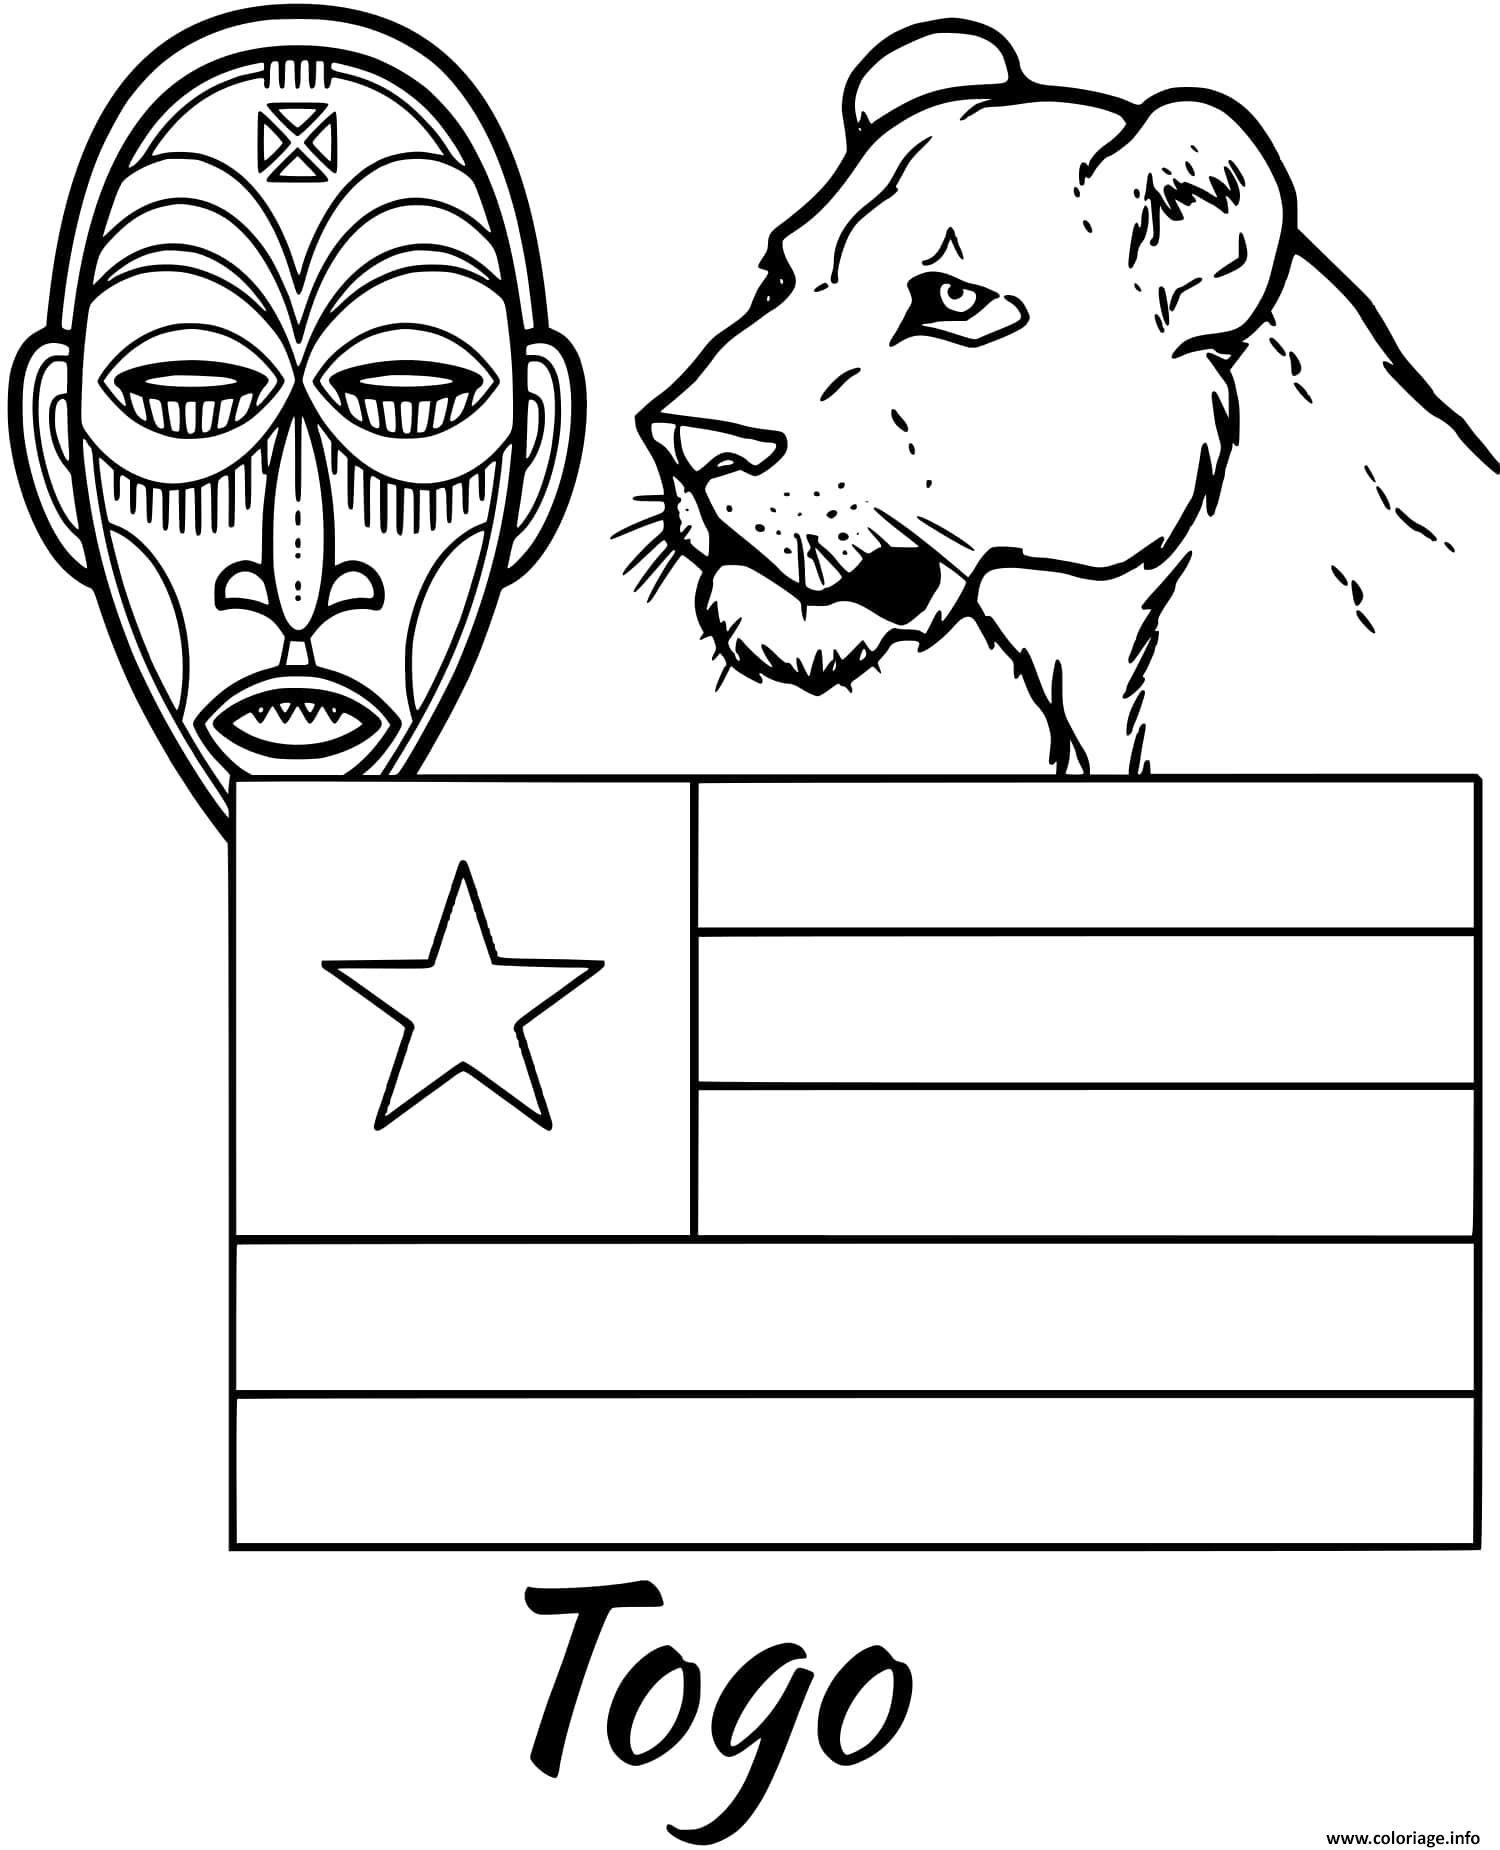 Dessin togo drapeau tribal mask Coloriage Gratuit à Imprimer